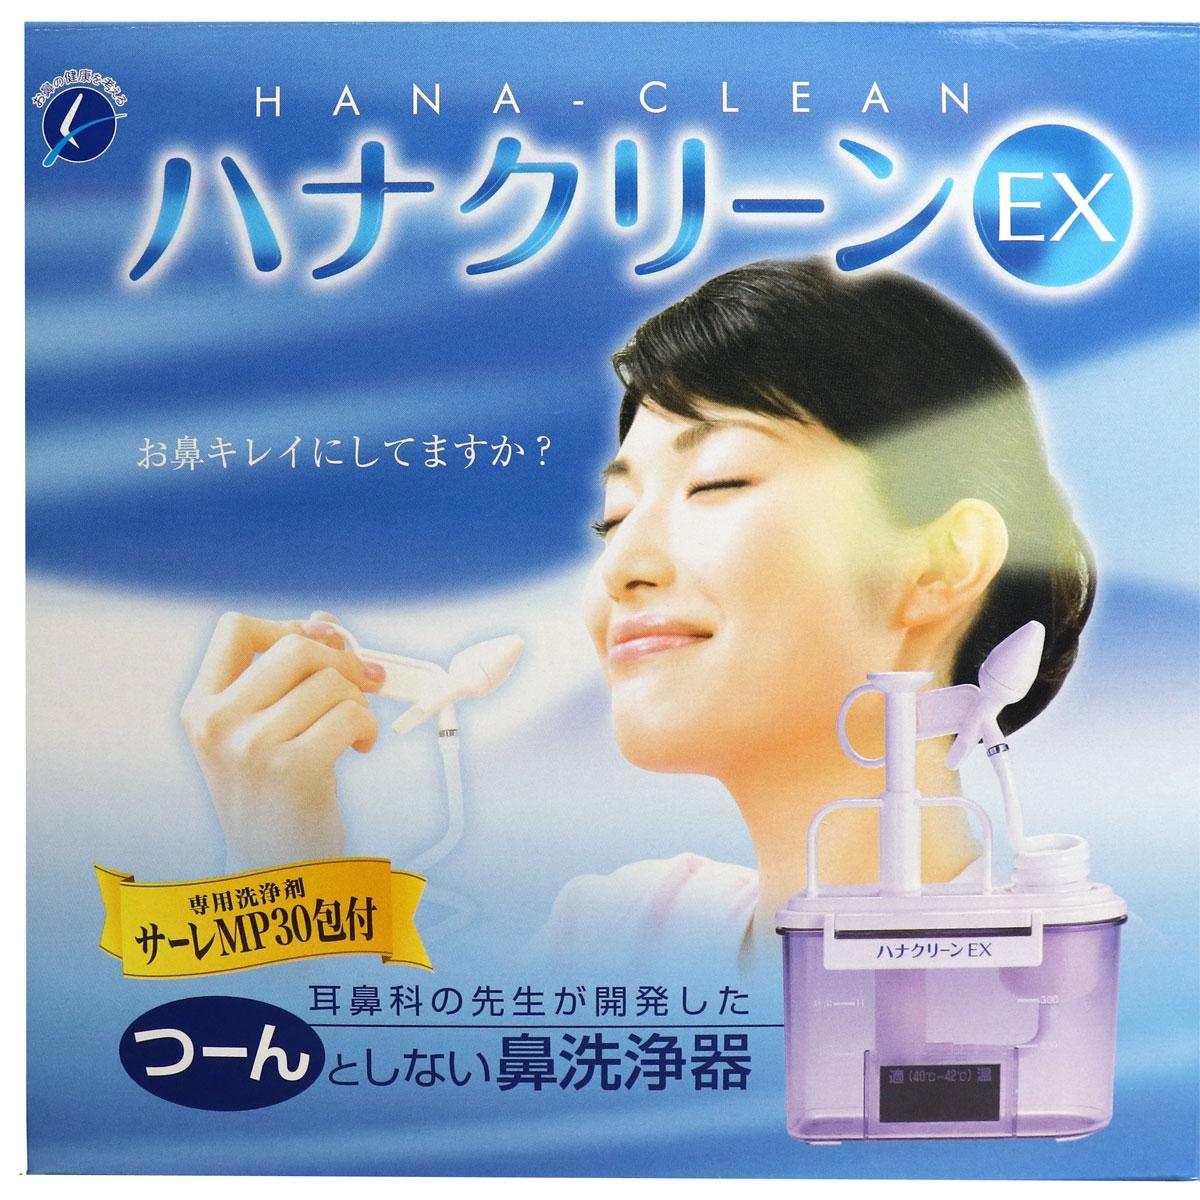 送料無料 代引き無料 絶品 沖縄 離島は別途送料 ハナクリーンEX 期間限定の激安セール